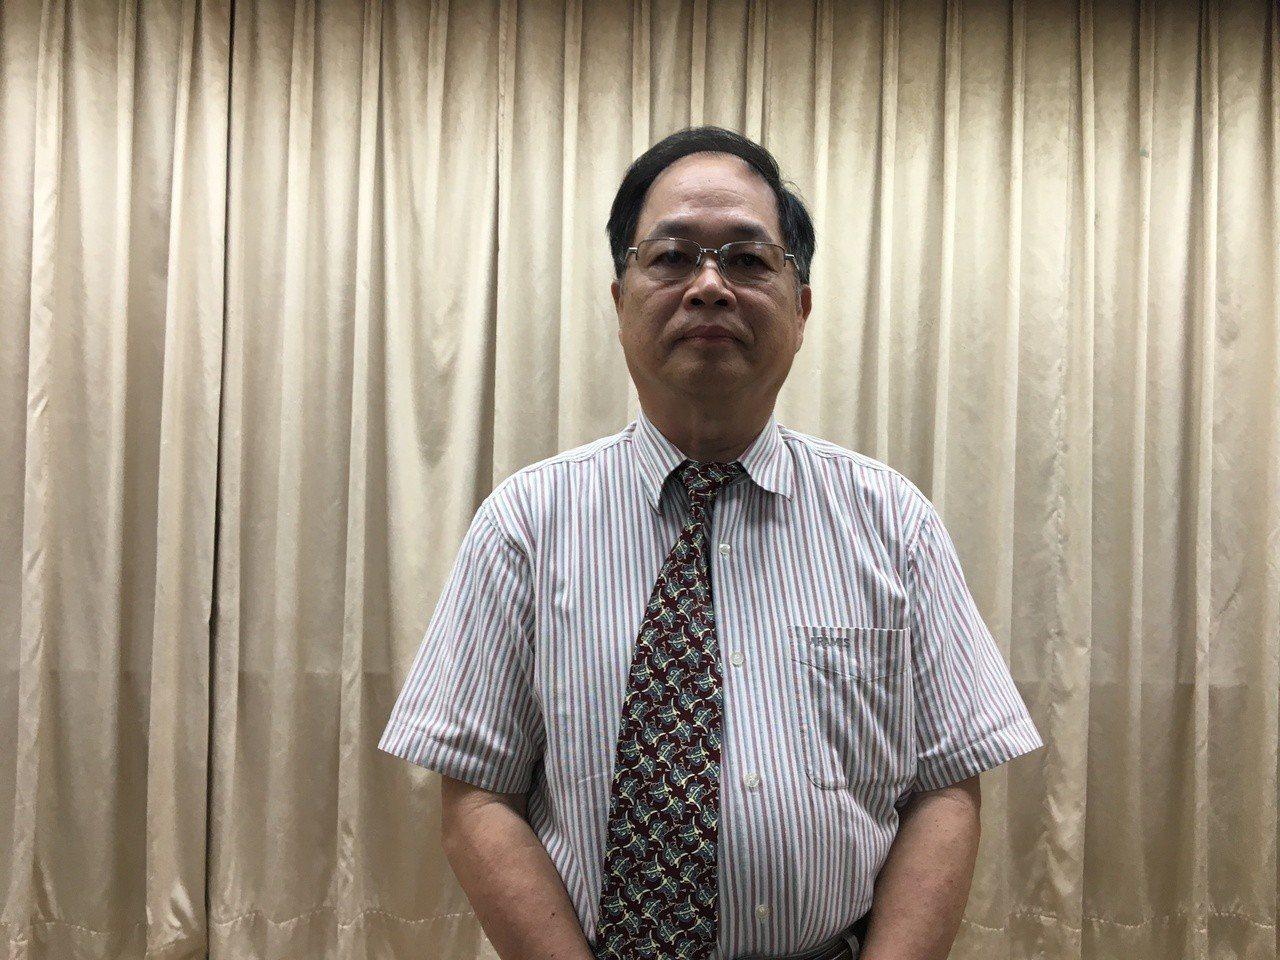 東華大學主任秘書古智雄強調若有違法會捍衛權益。記者徐庭揚/攝影